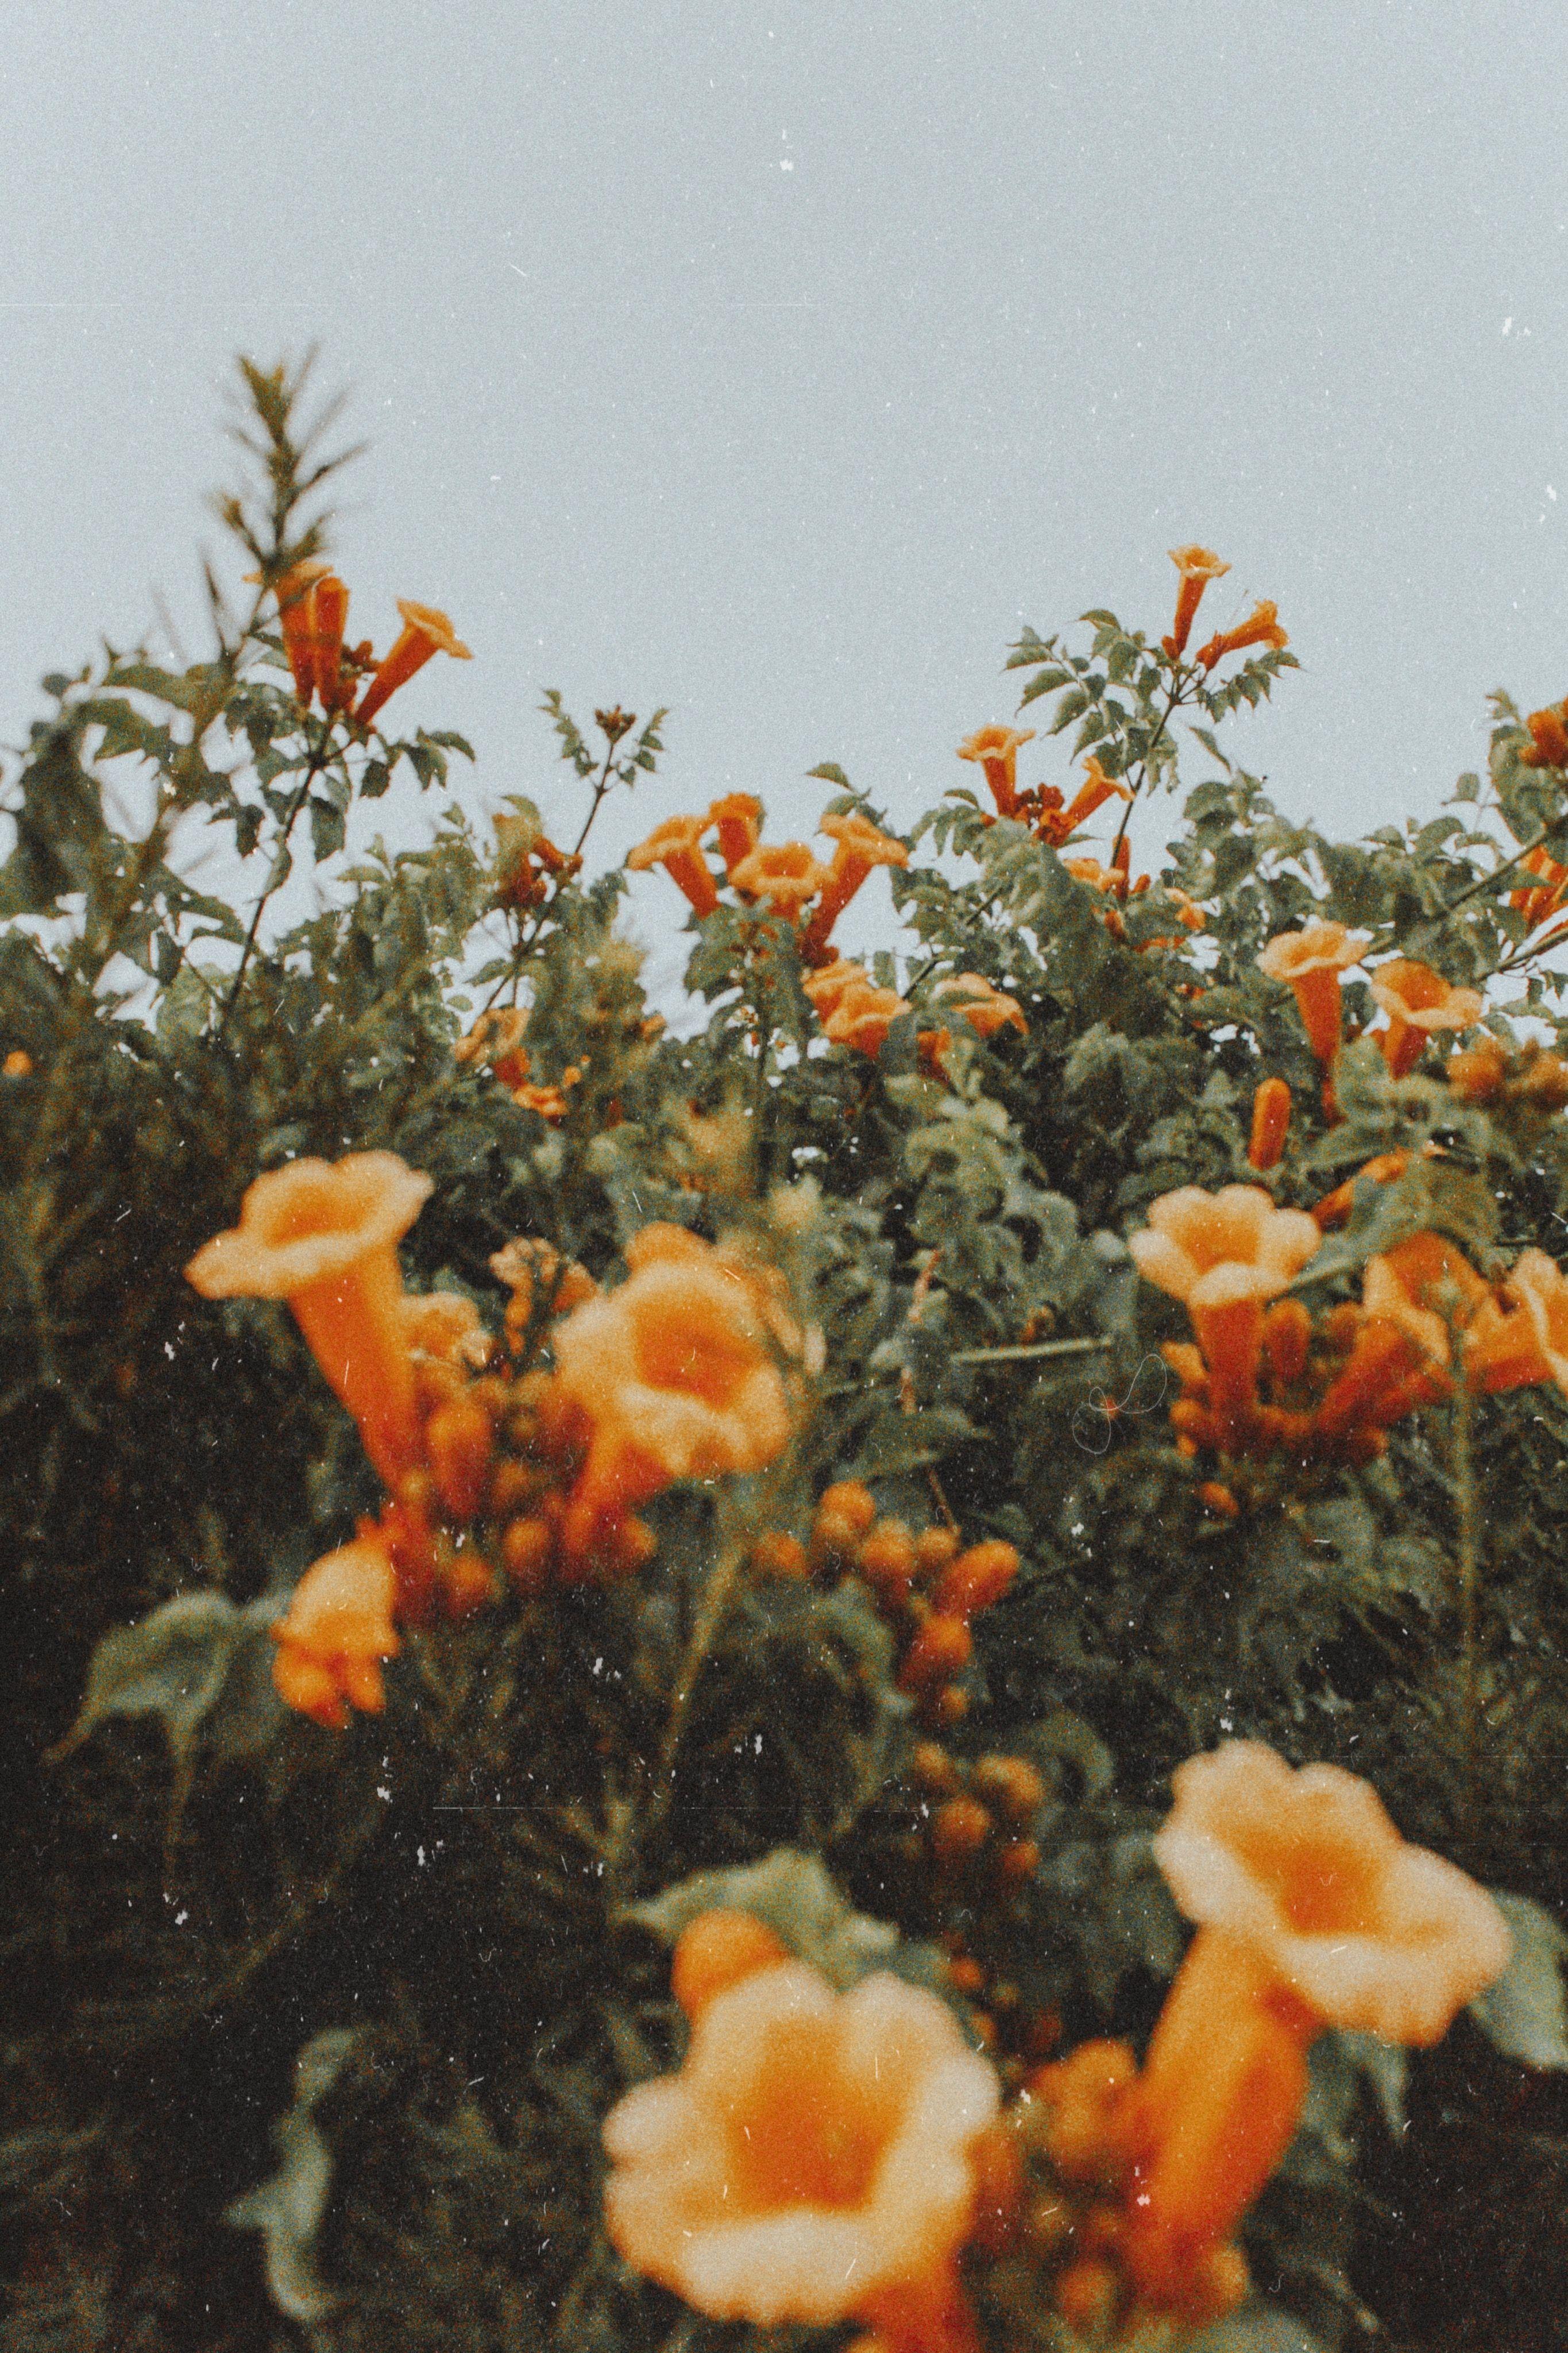 Pinterest Calsnic Instagram Calliensmith Flower